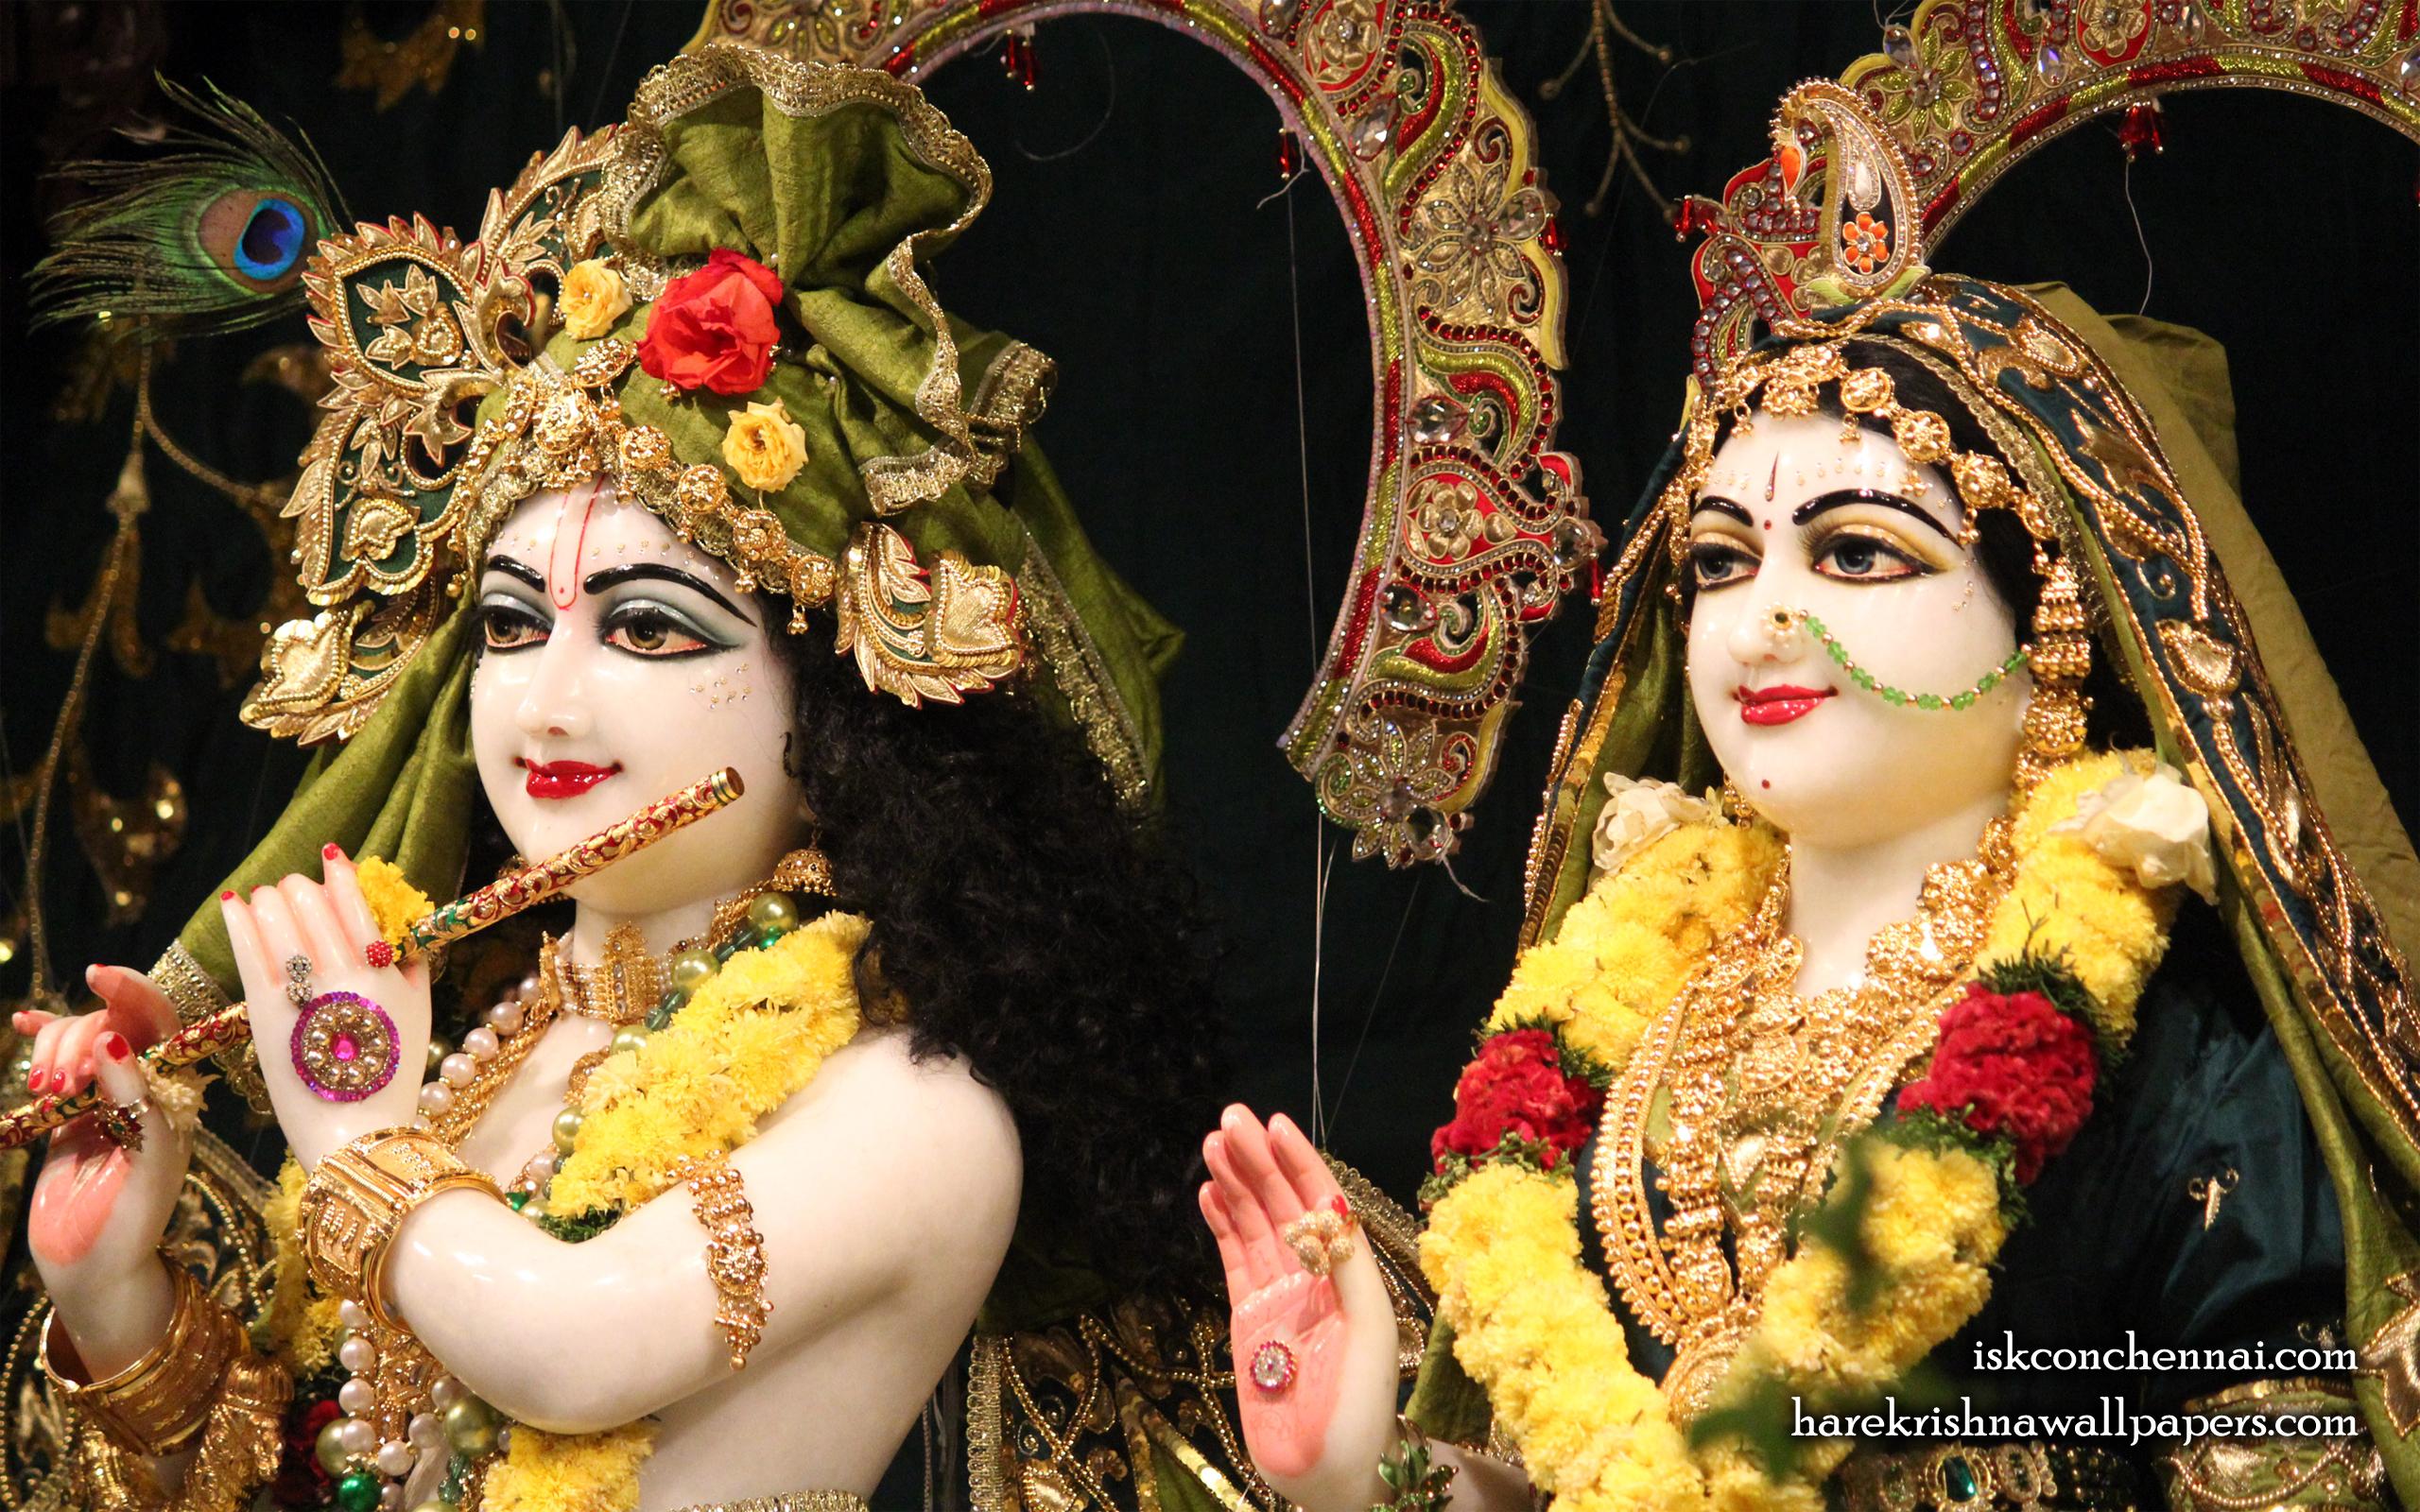 Sri Sri Radha Krishna Close up Wallpaper (004) Size 2560x1600 Download